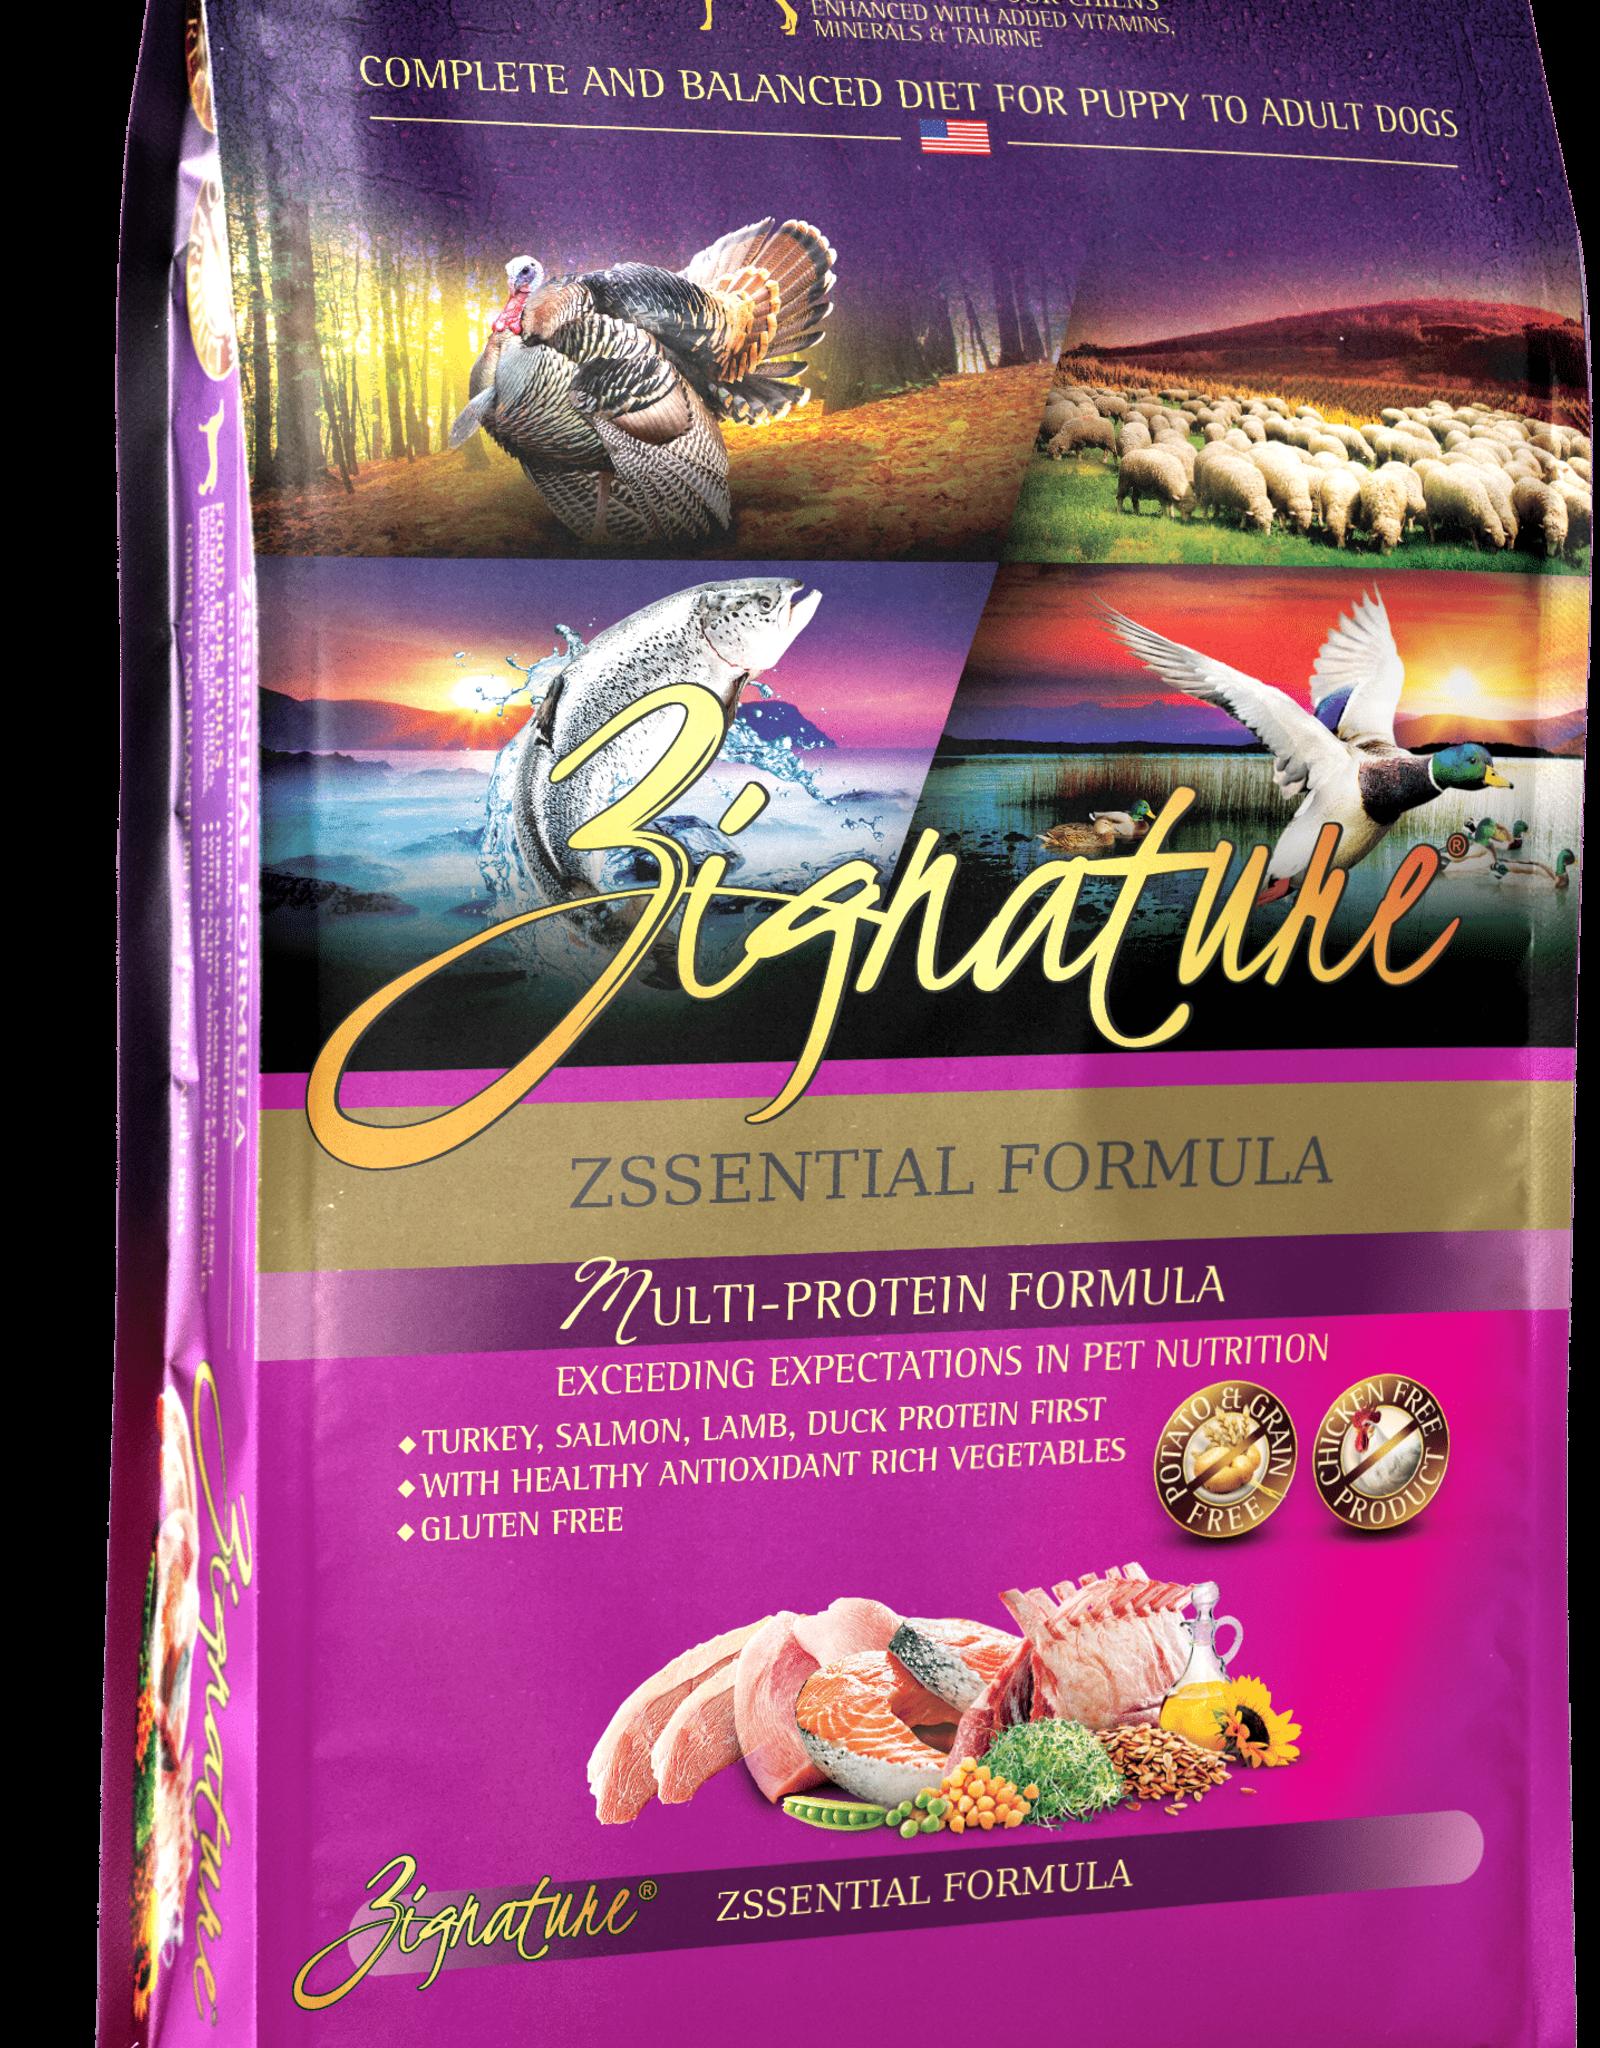 Zignature Dog Zssentials Formula - Grain-Free 13.5lb